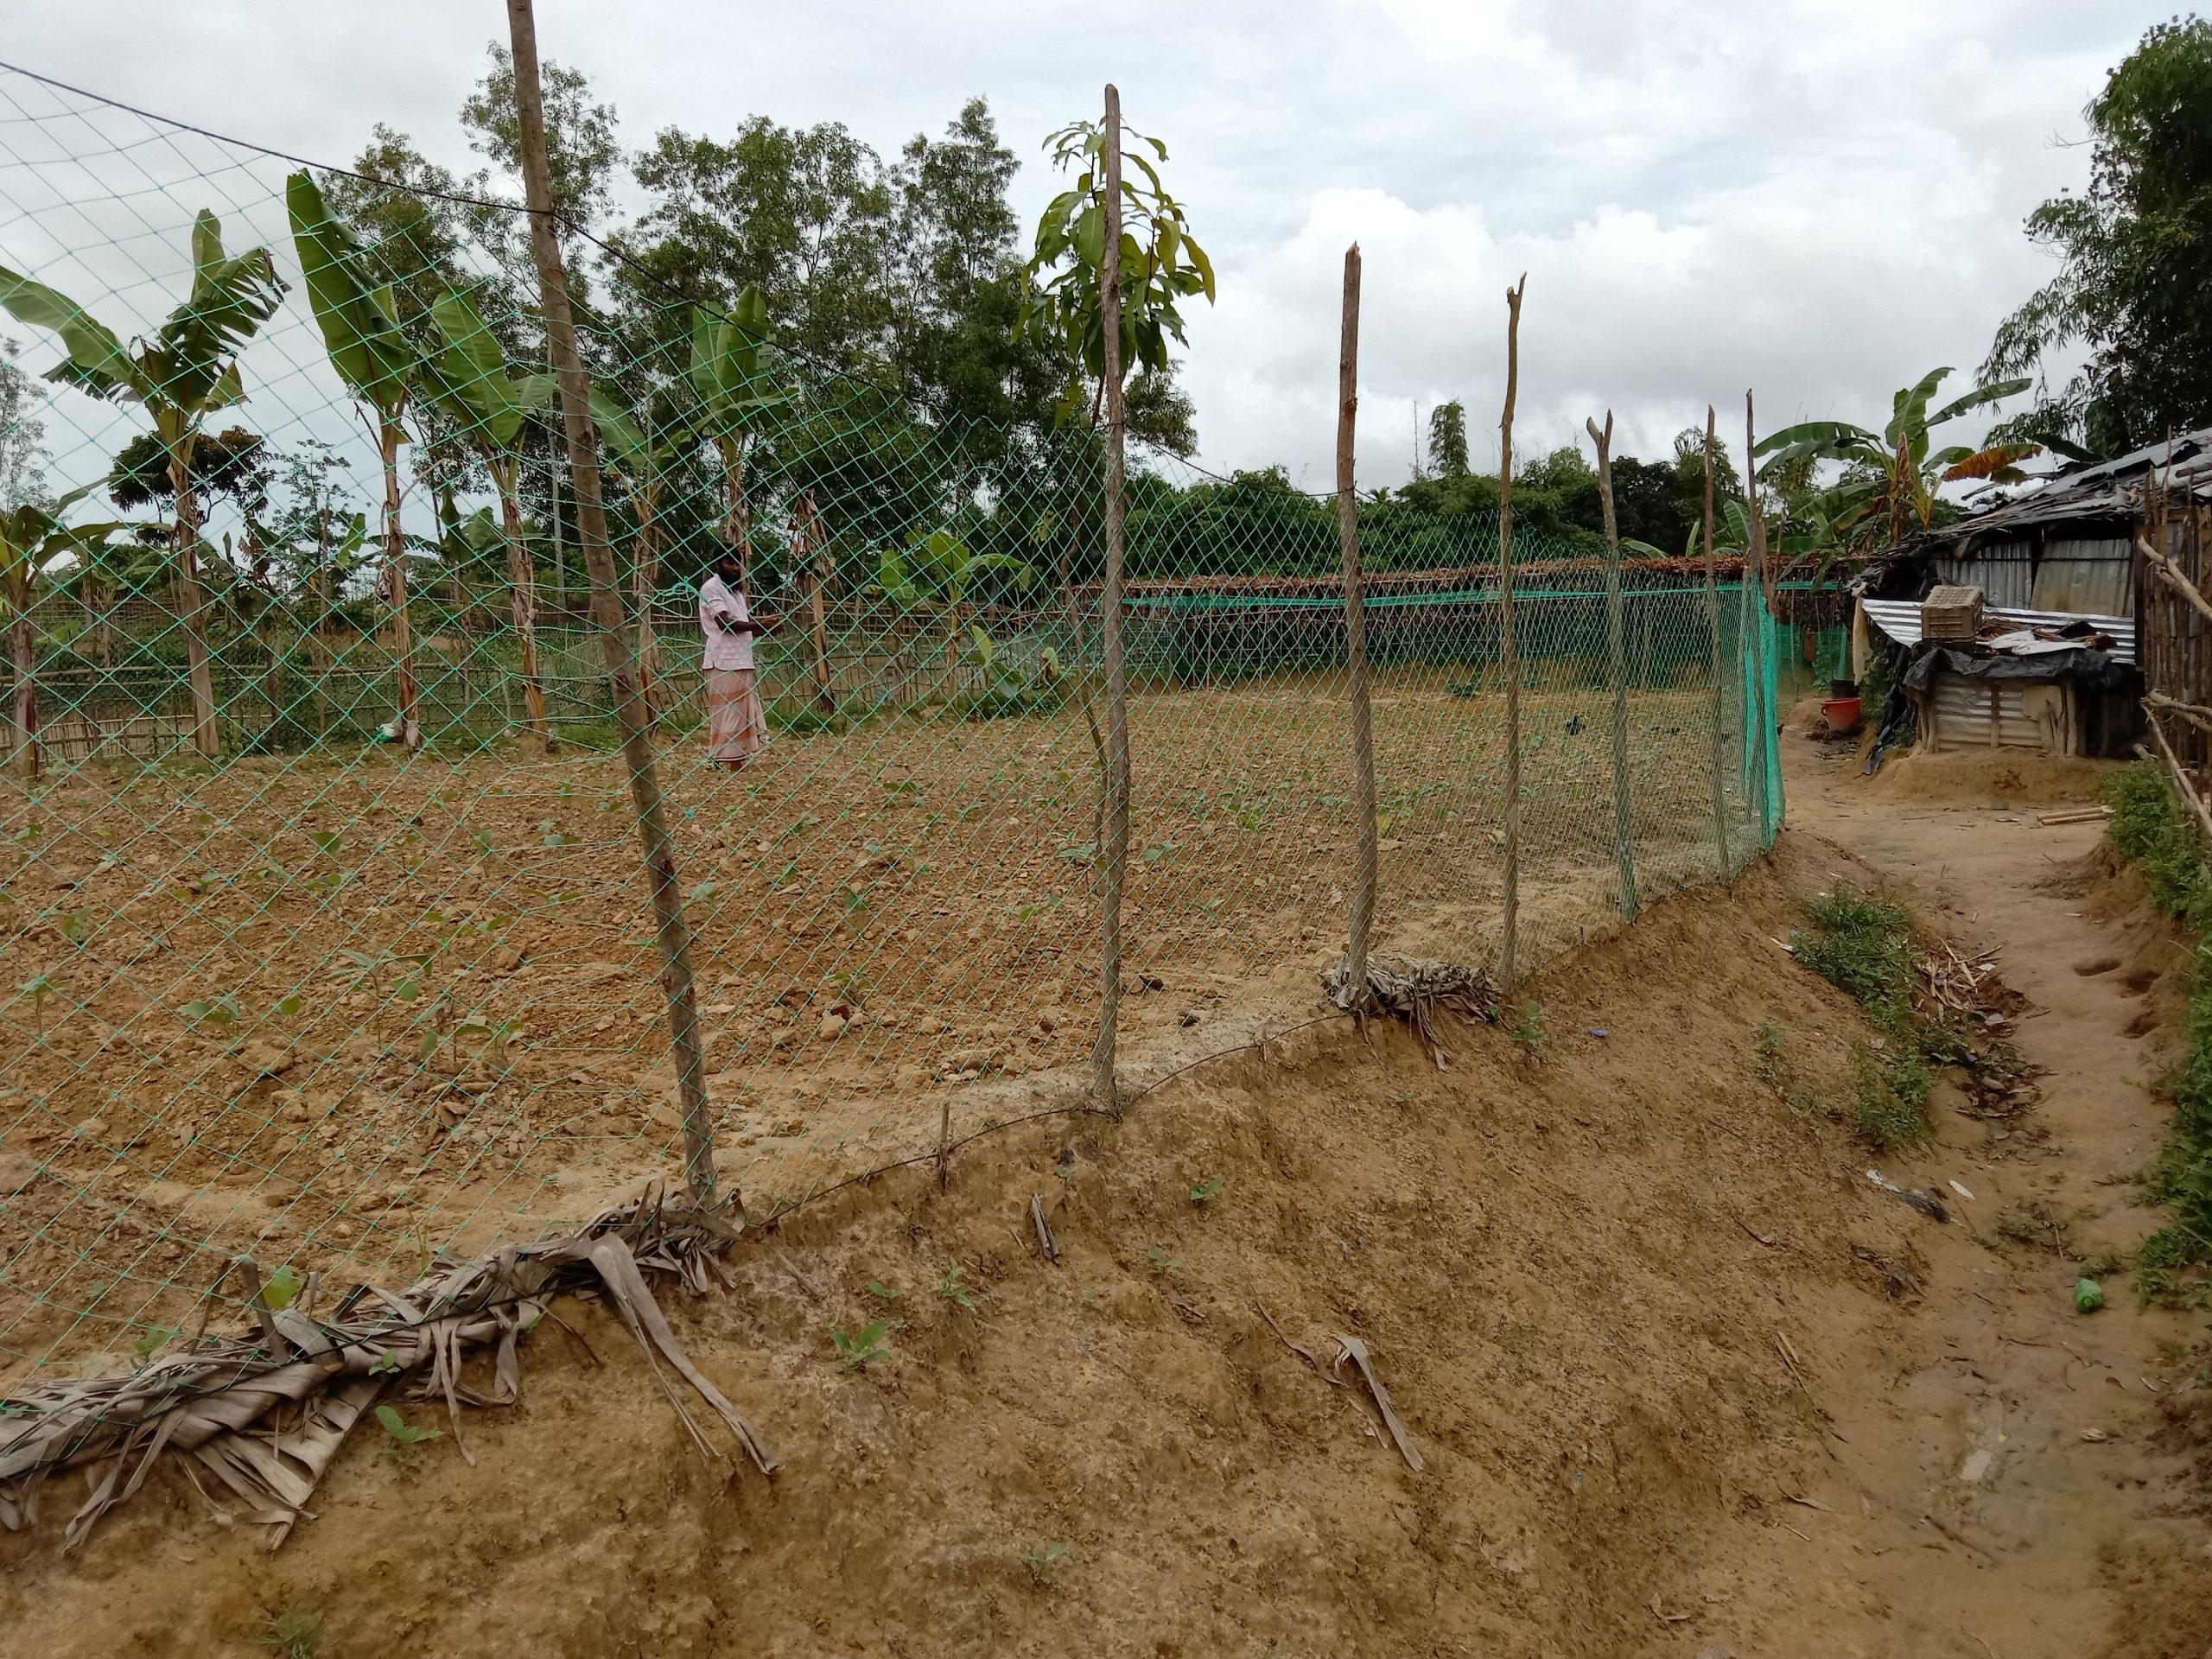 ঘুমধুমের মগঘাট এলাকায় কতিপয় প্রতাপশালী কতৃক কৃষকের চাষীয় জমি দখলের অভিযোগ